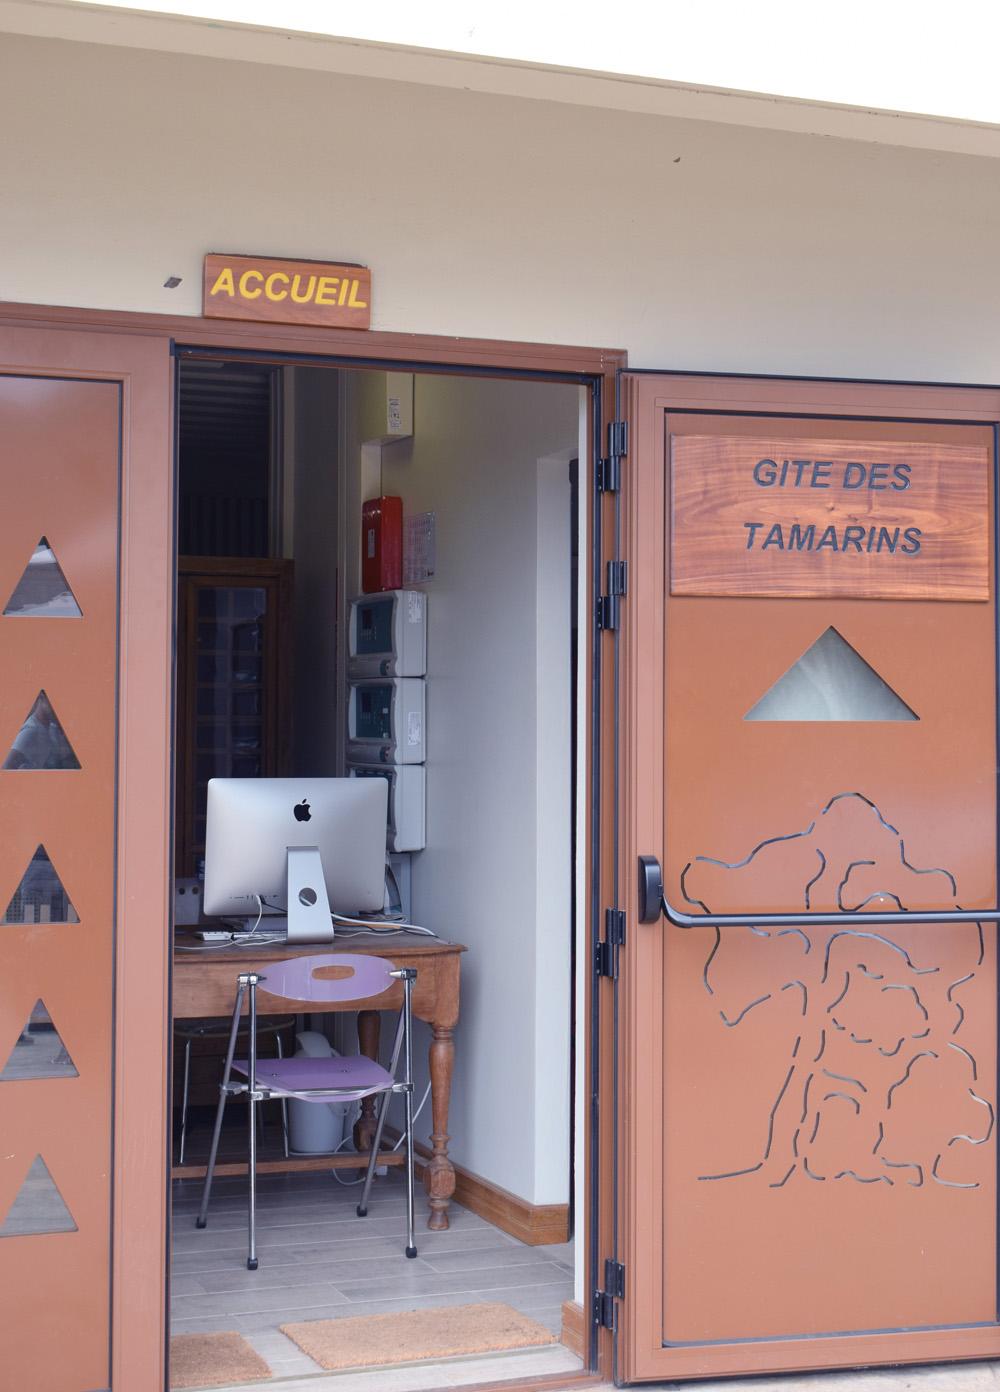 Gîte des Tamarins au Maïdo: un concept hors du temps